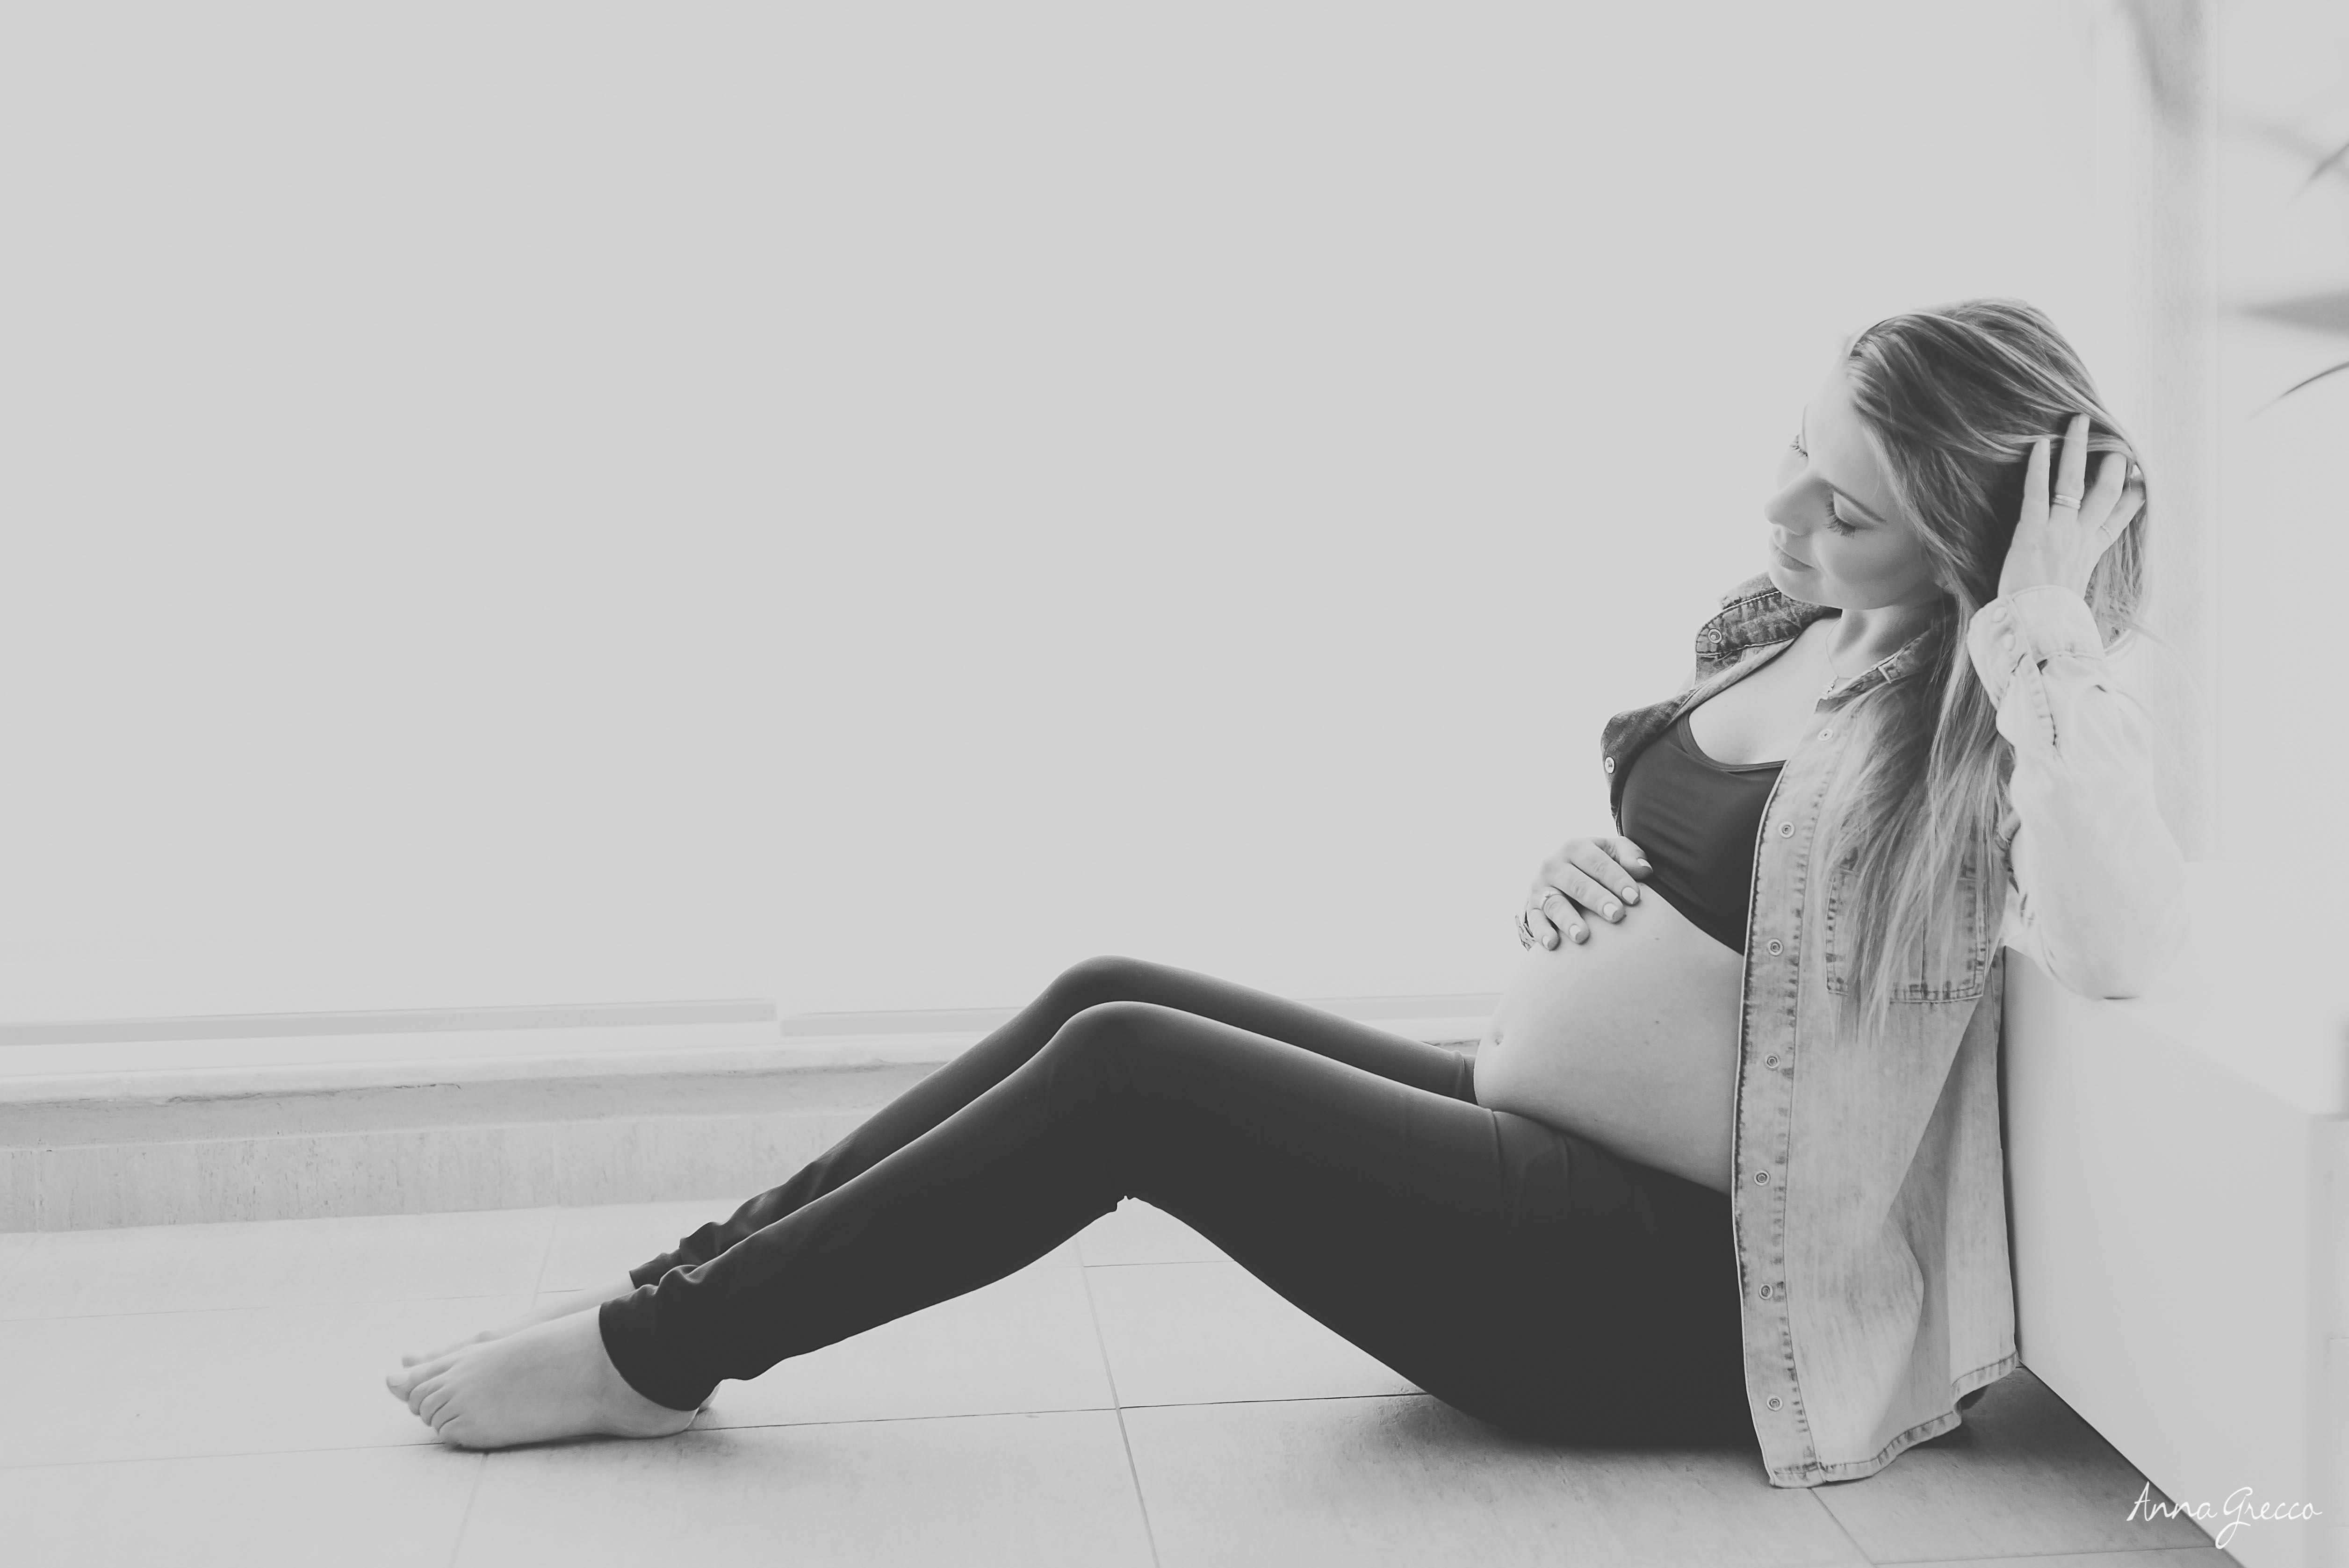 I Bruna-121anna grecco familia recem-nascido newborn fotografa campinas valinhos vinhedo são paulo Jundiai Paulinia Jaguariuna Indaiatuba maternidade gestação gestante gravida mae menina amor ensaio book